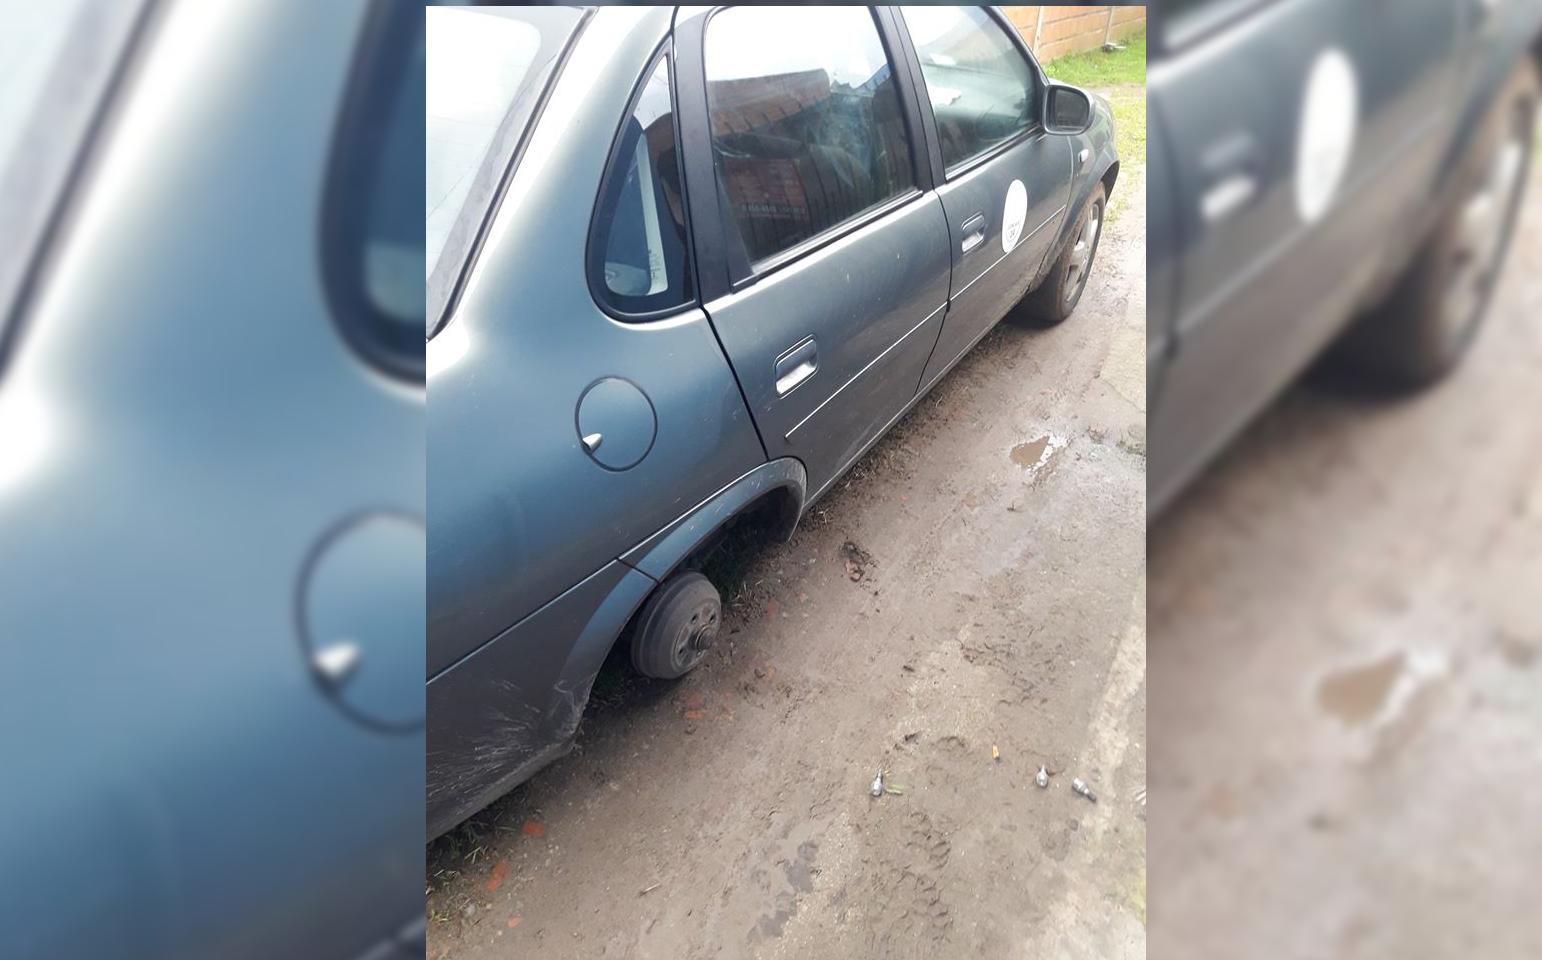 STA CLARA: Se levantó y descubrió que le habían robado dos ruedas completas de su automóvil